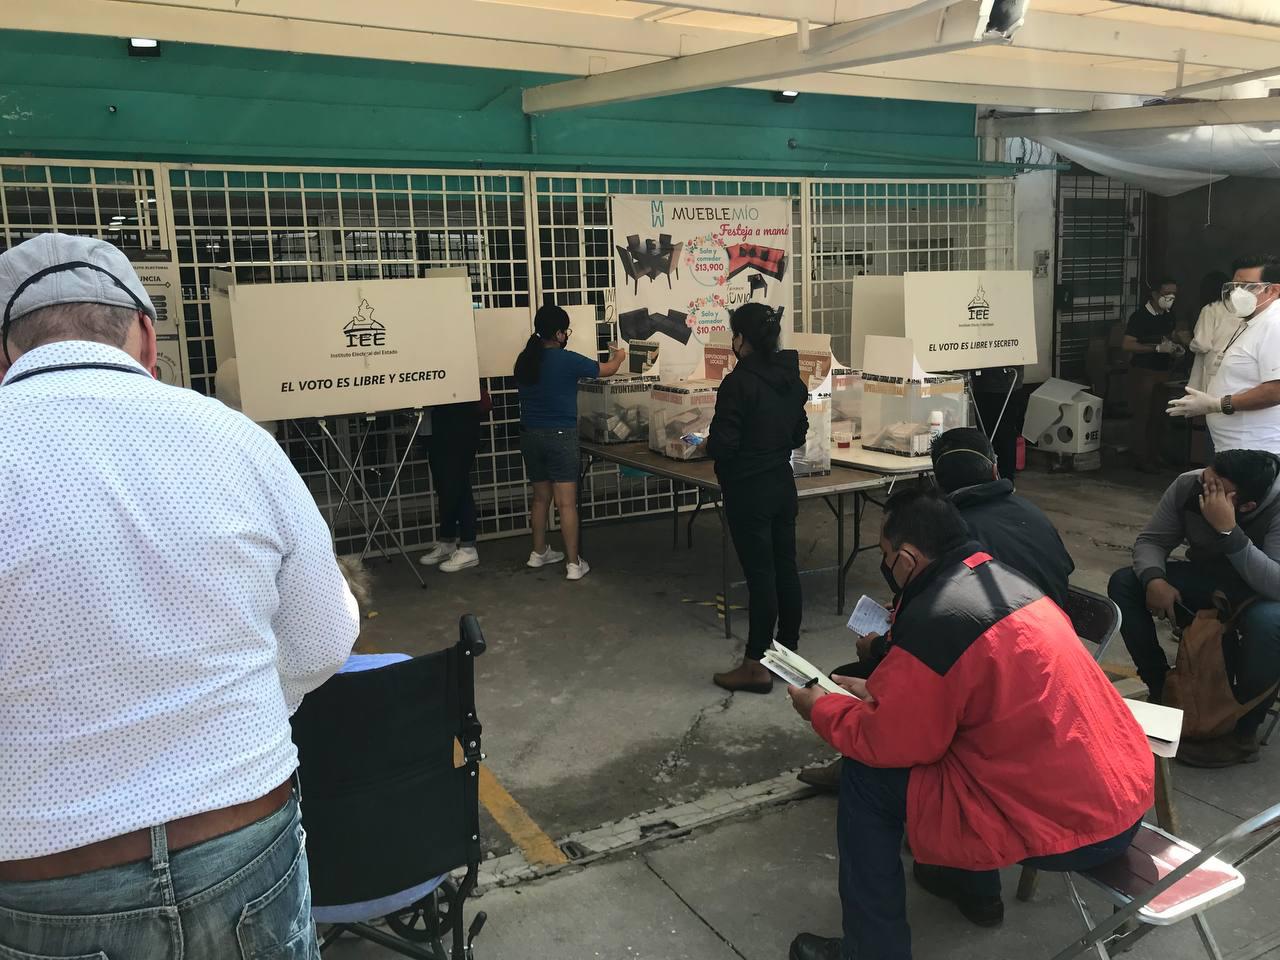 Por violencia, hay solicitudes de nulidad de elección en ocho municipios de Puebla